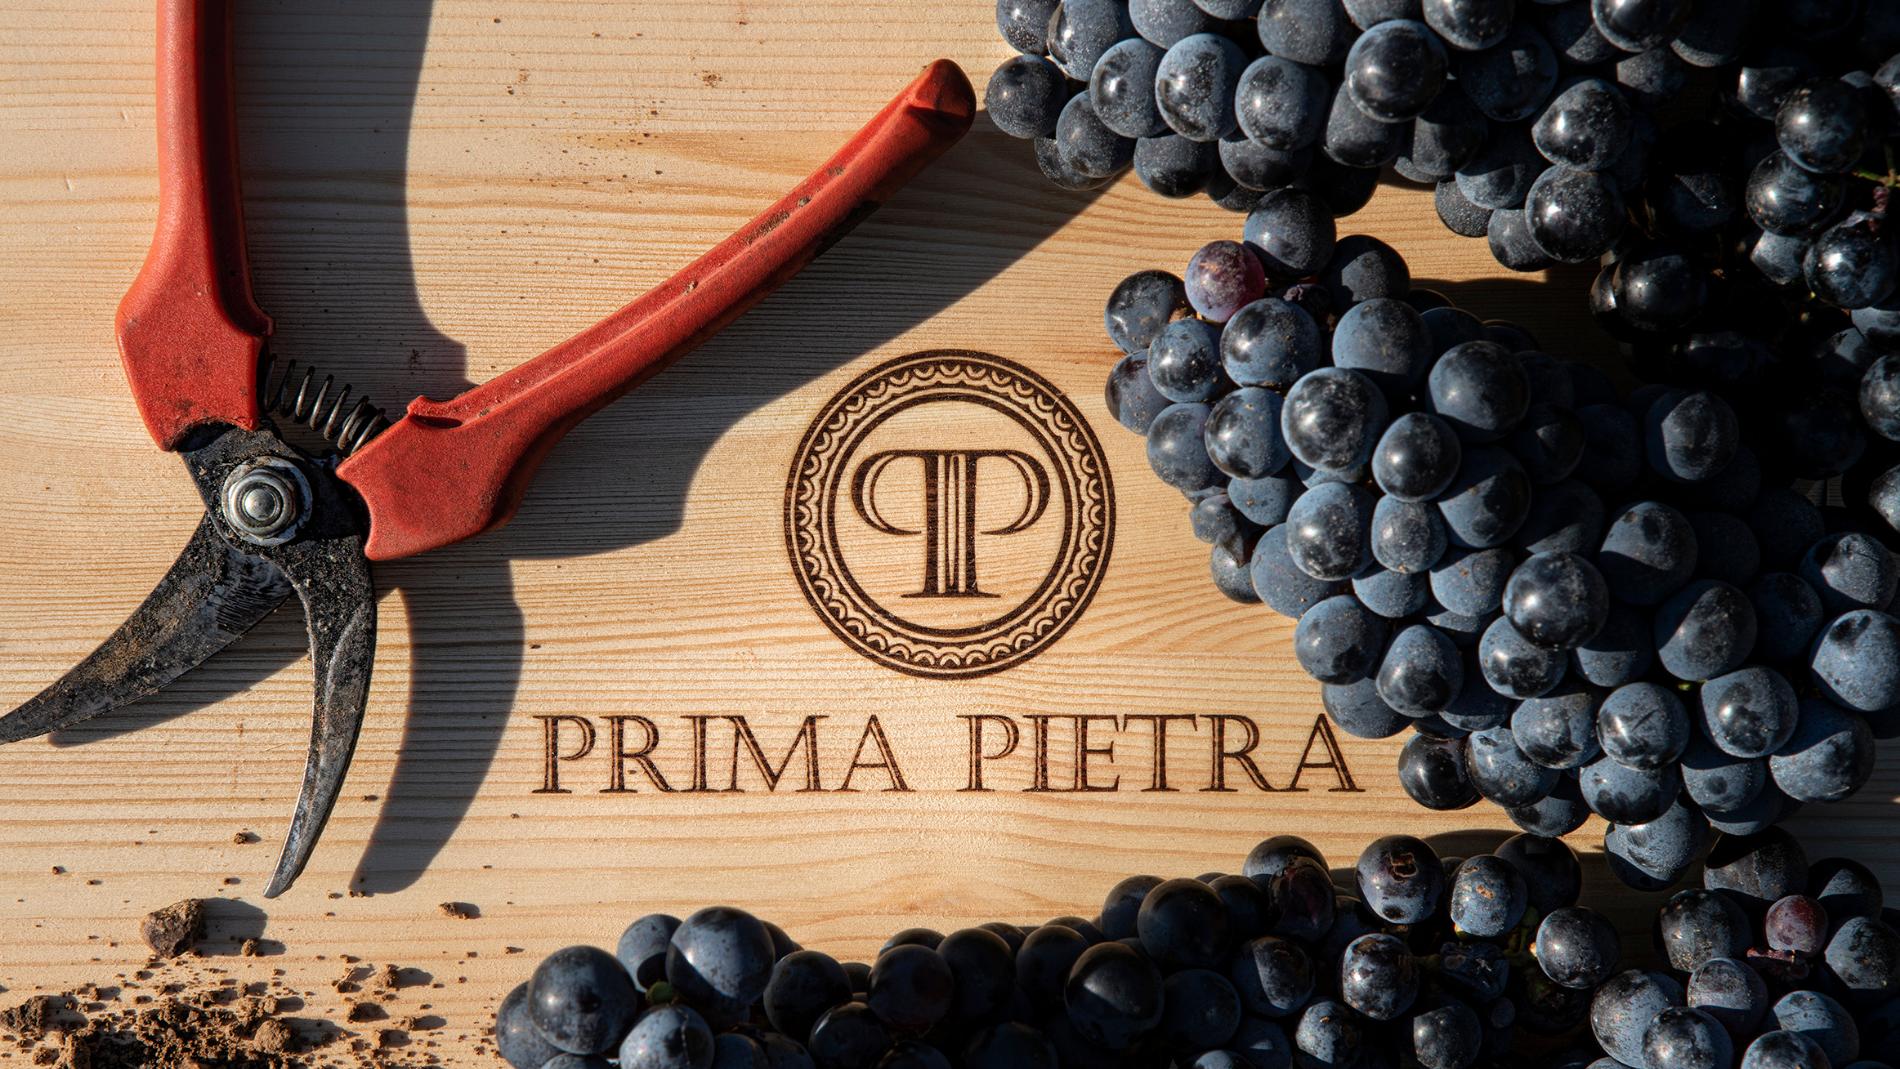 Vino Toscana Prima Pietra